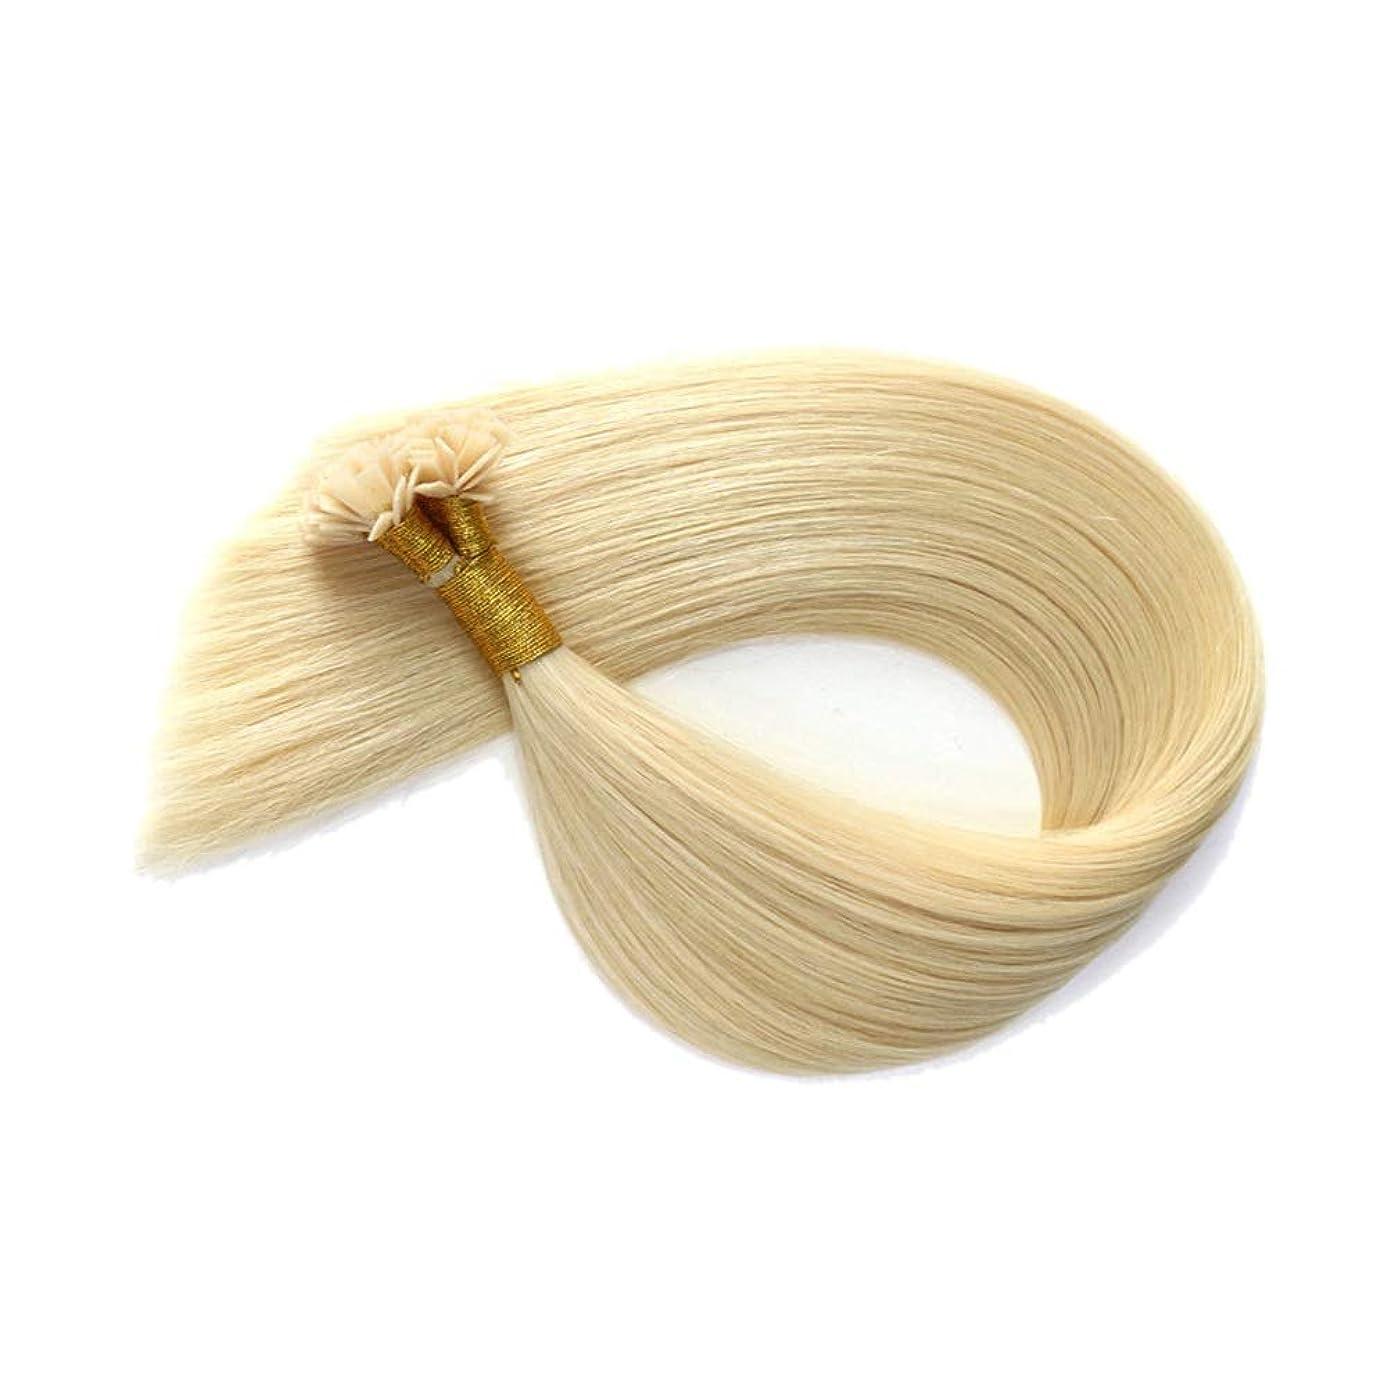 退却ママ賞賛WASAIO ヘアエクステンションライトフラットチップ100%人間の曲がっていないネイルクリップ裏地なし髪型 (色 : Blonde, サイズ : 30 inch)